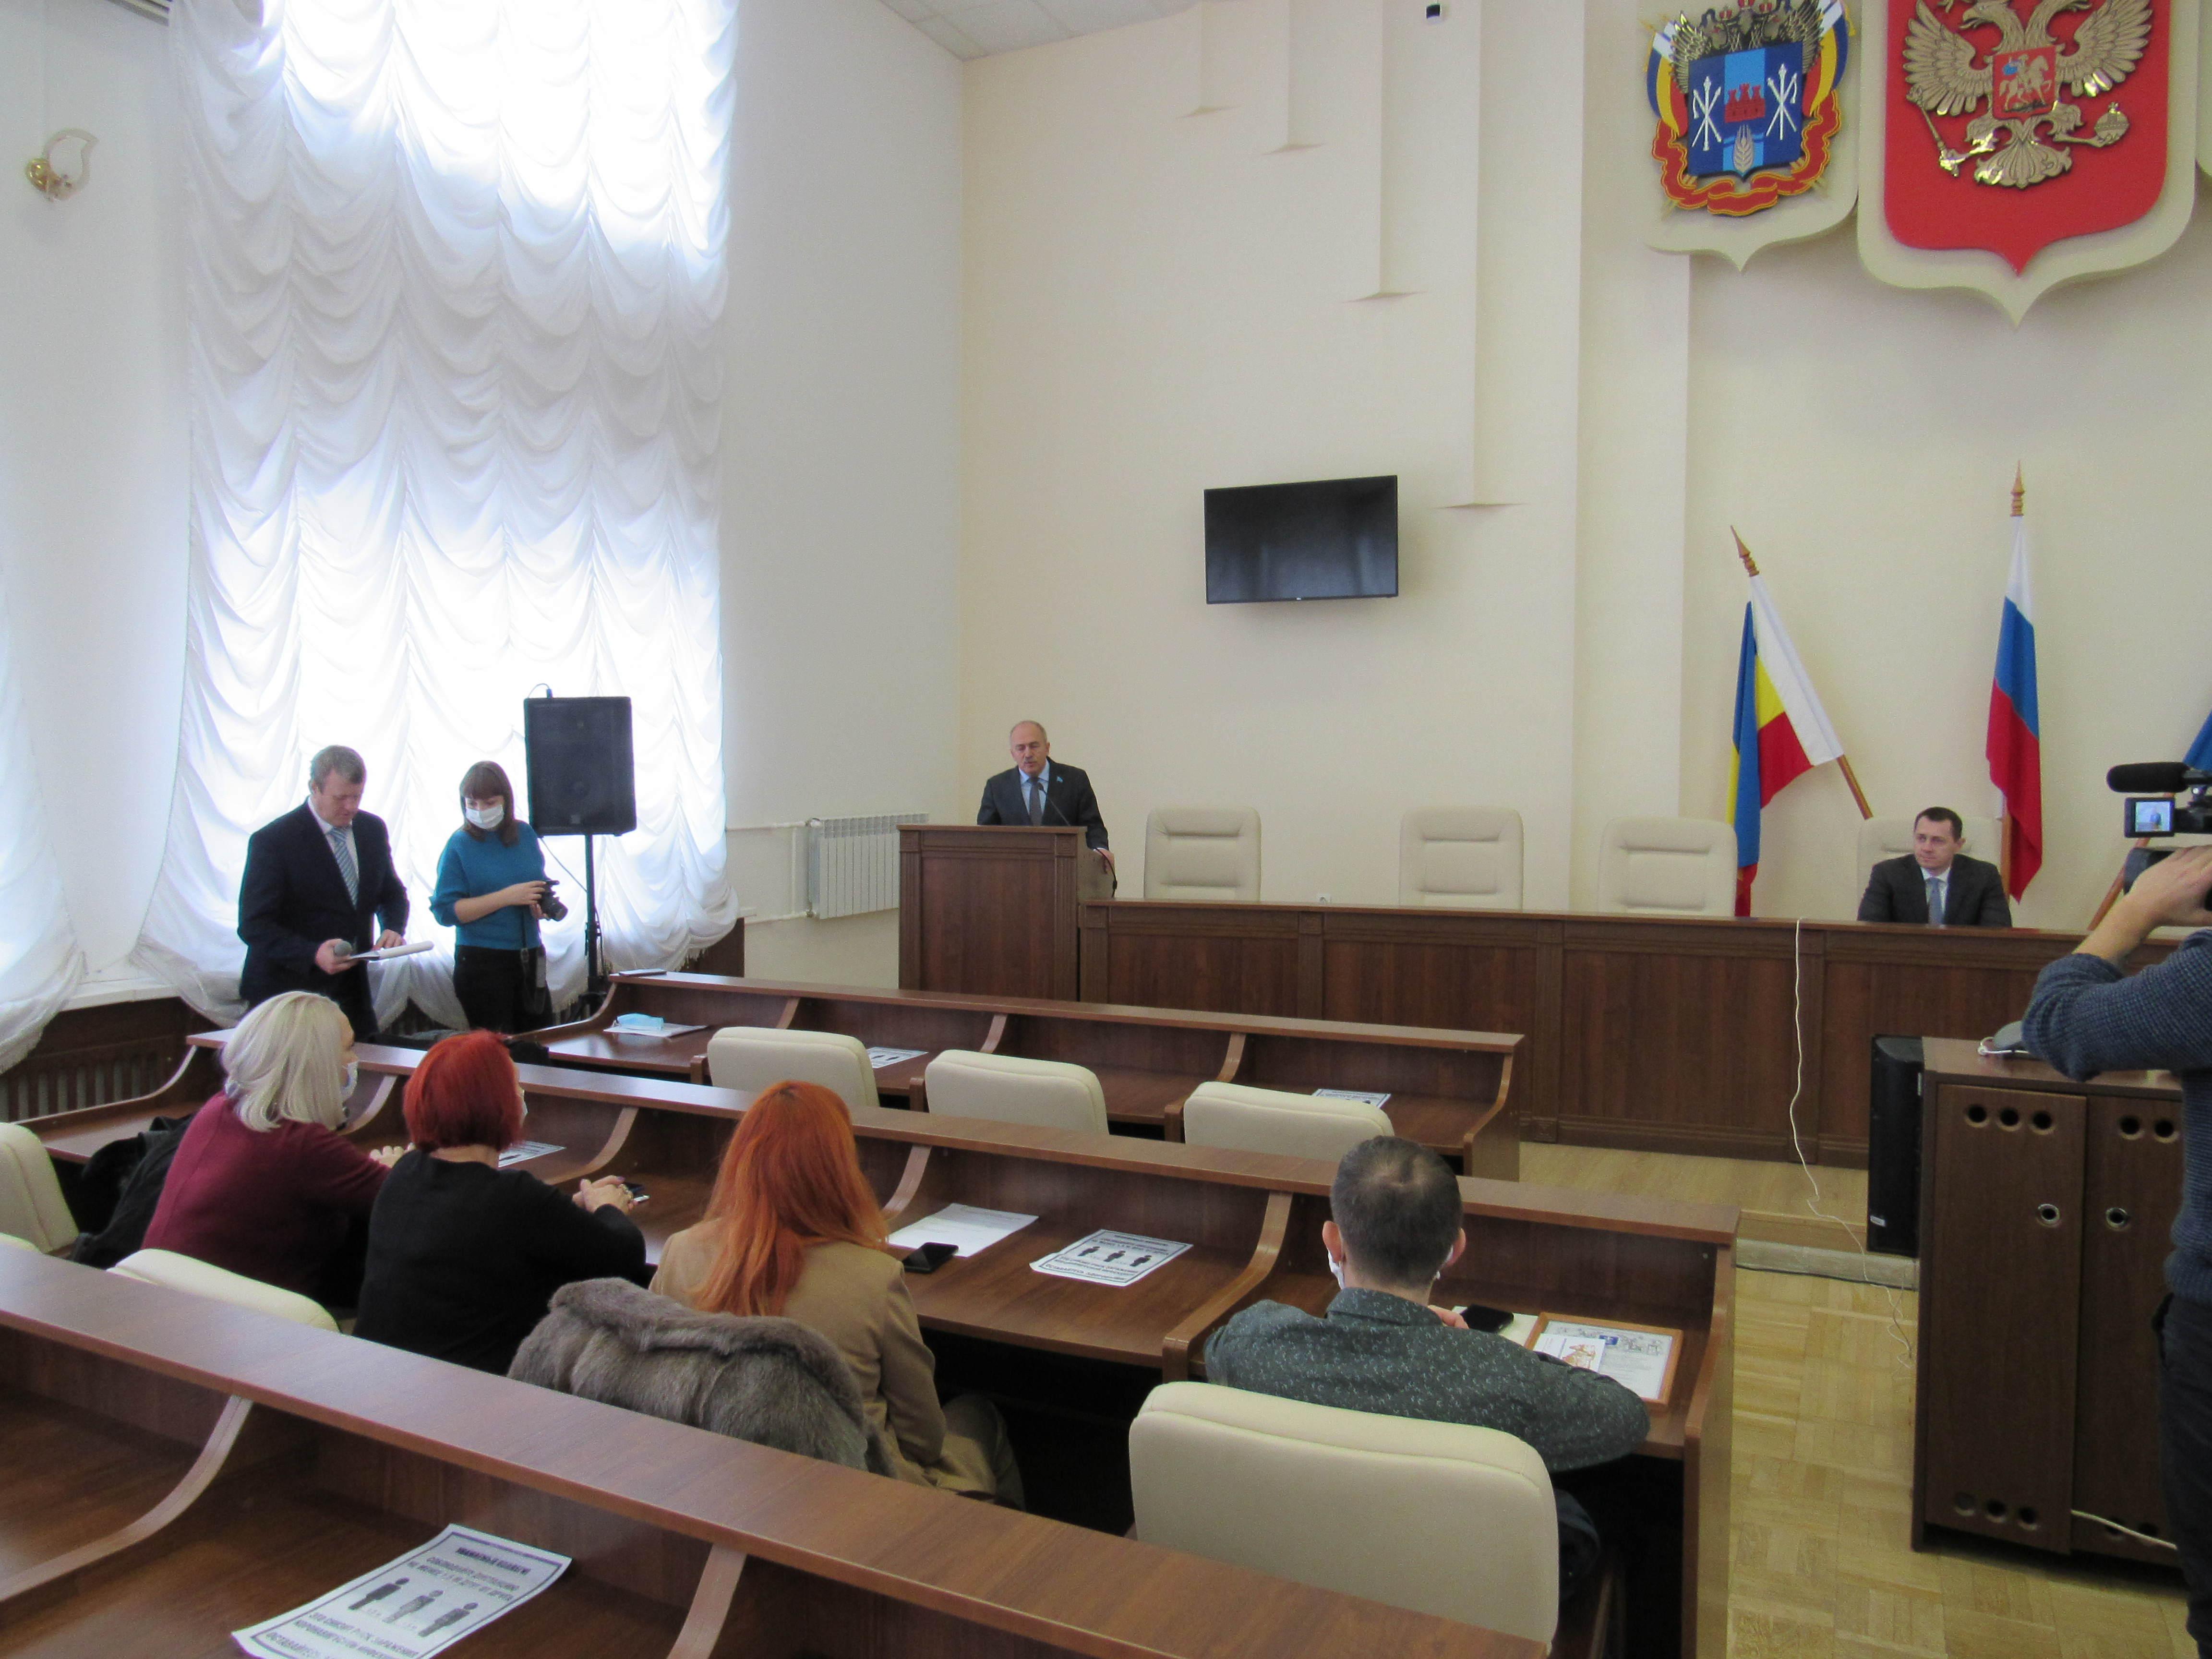 29 декабря 2020 года в большом зале Администрации города Азова состоялось торжественное награждение медицинских работников города.